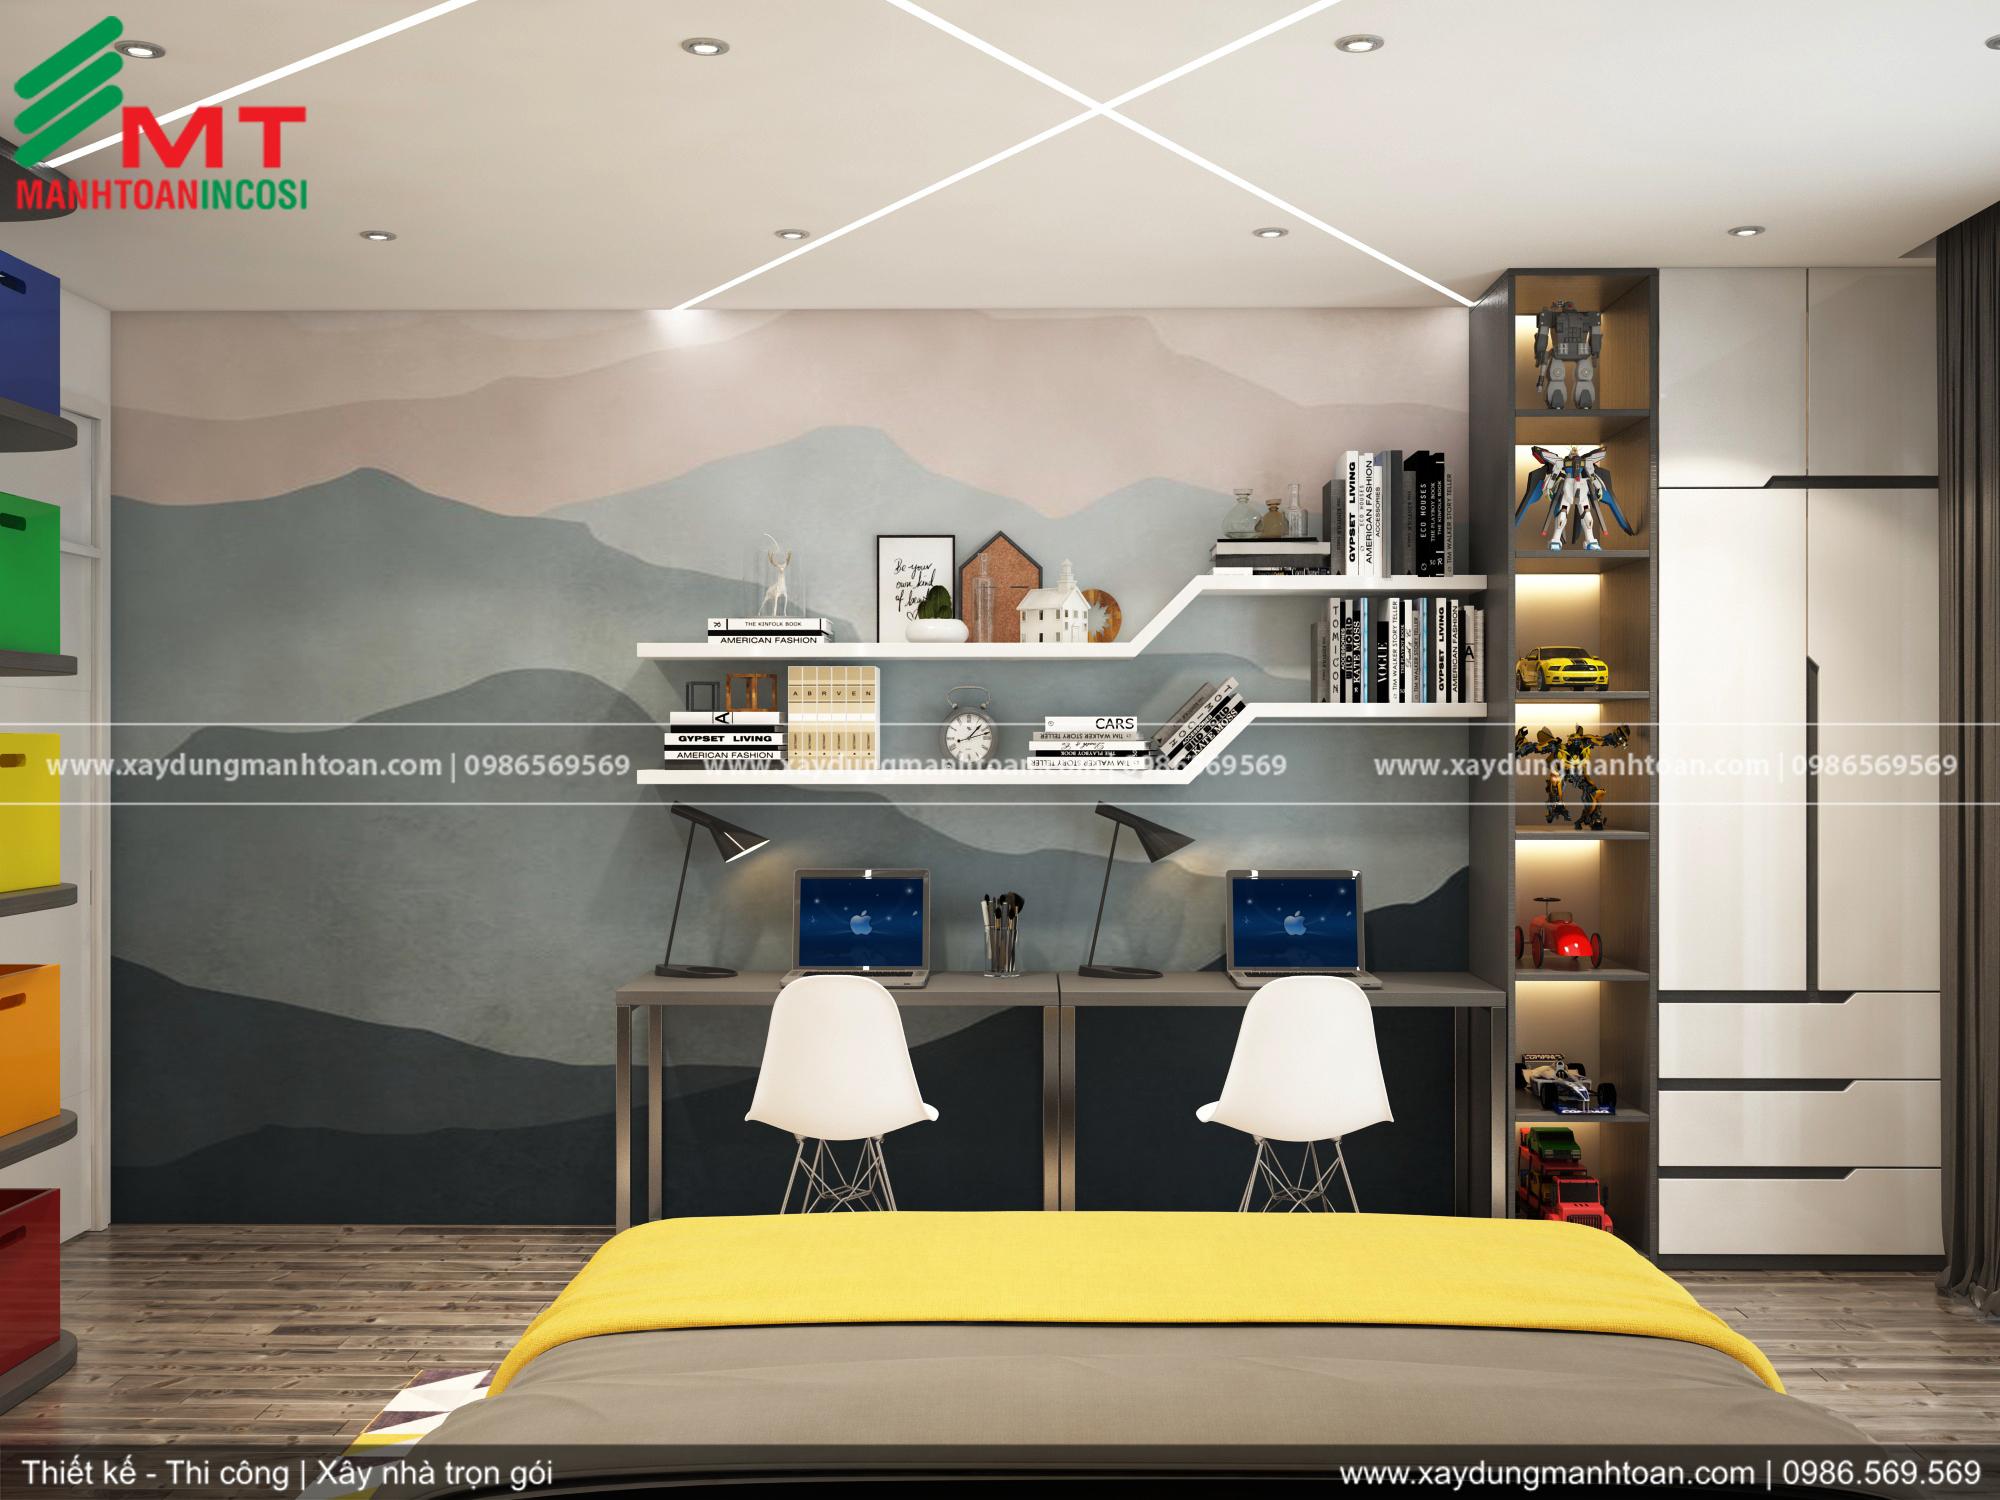 Thiết kế nội thất phong cách hiện đại, nội thất nhà đẹp